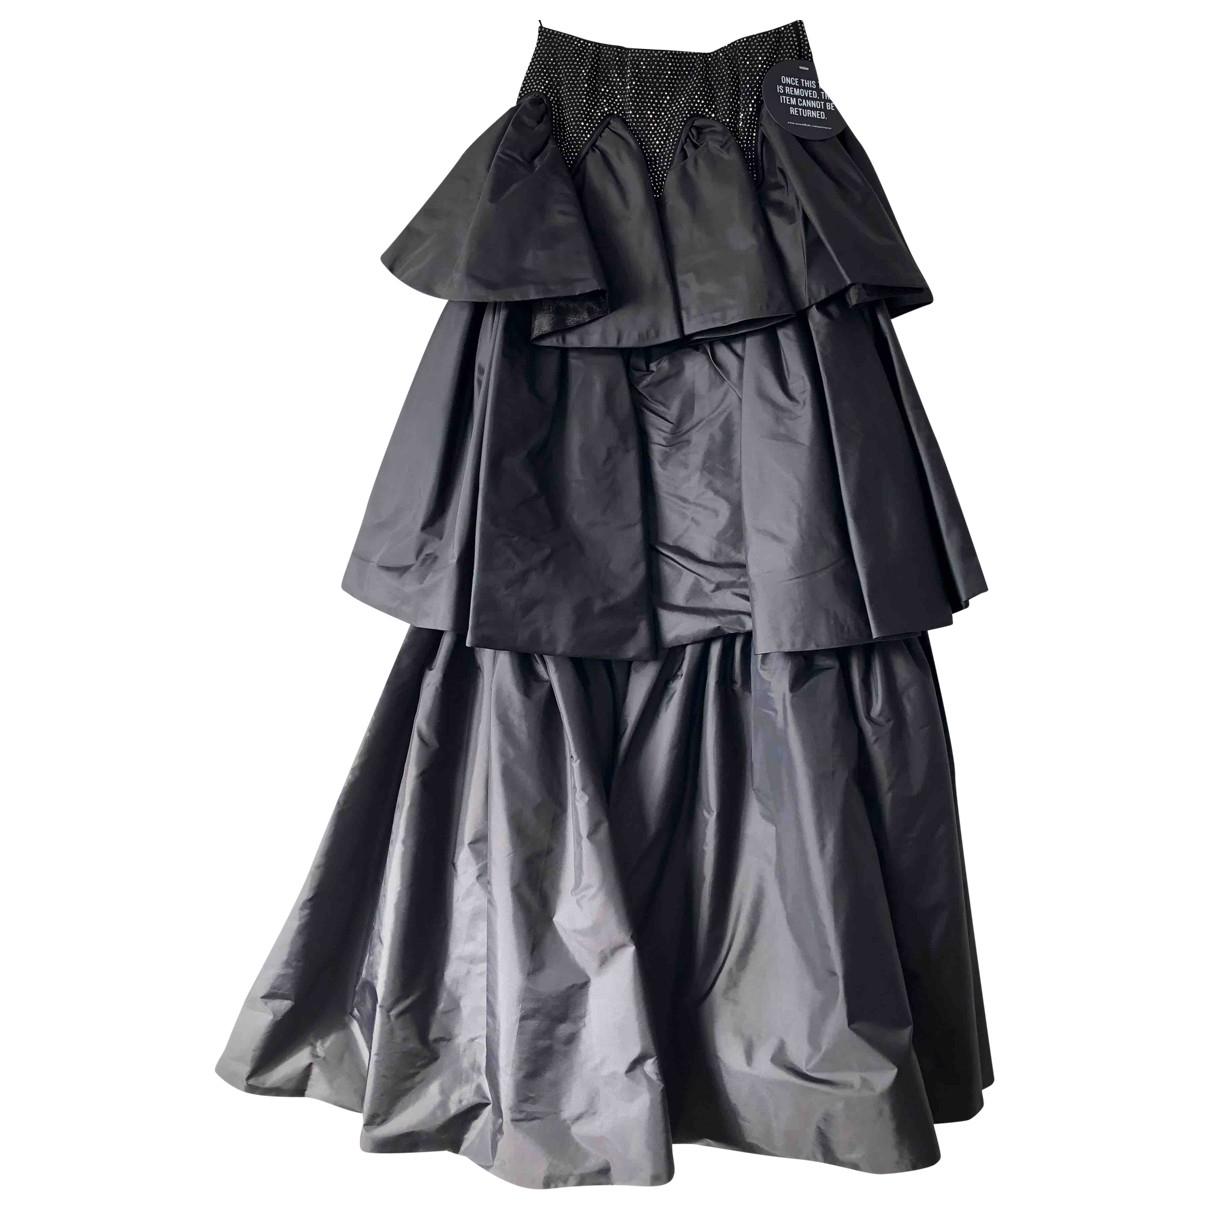 Sass & Bide \N Black skirt for Women XXS International